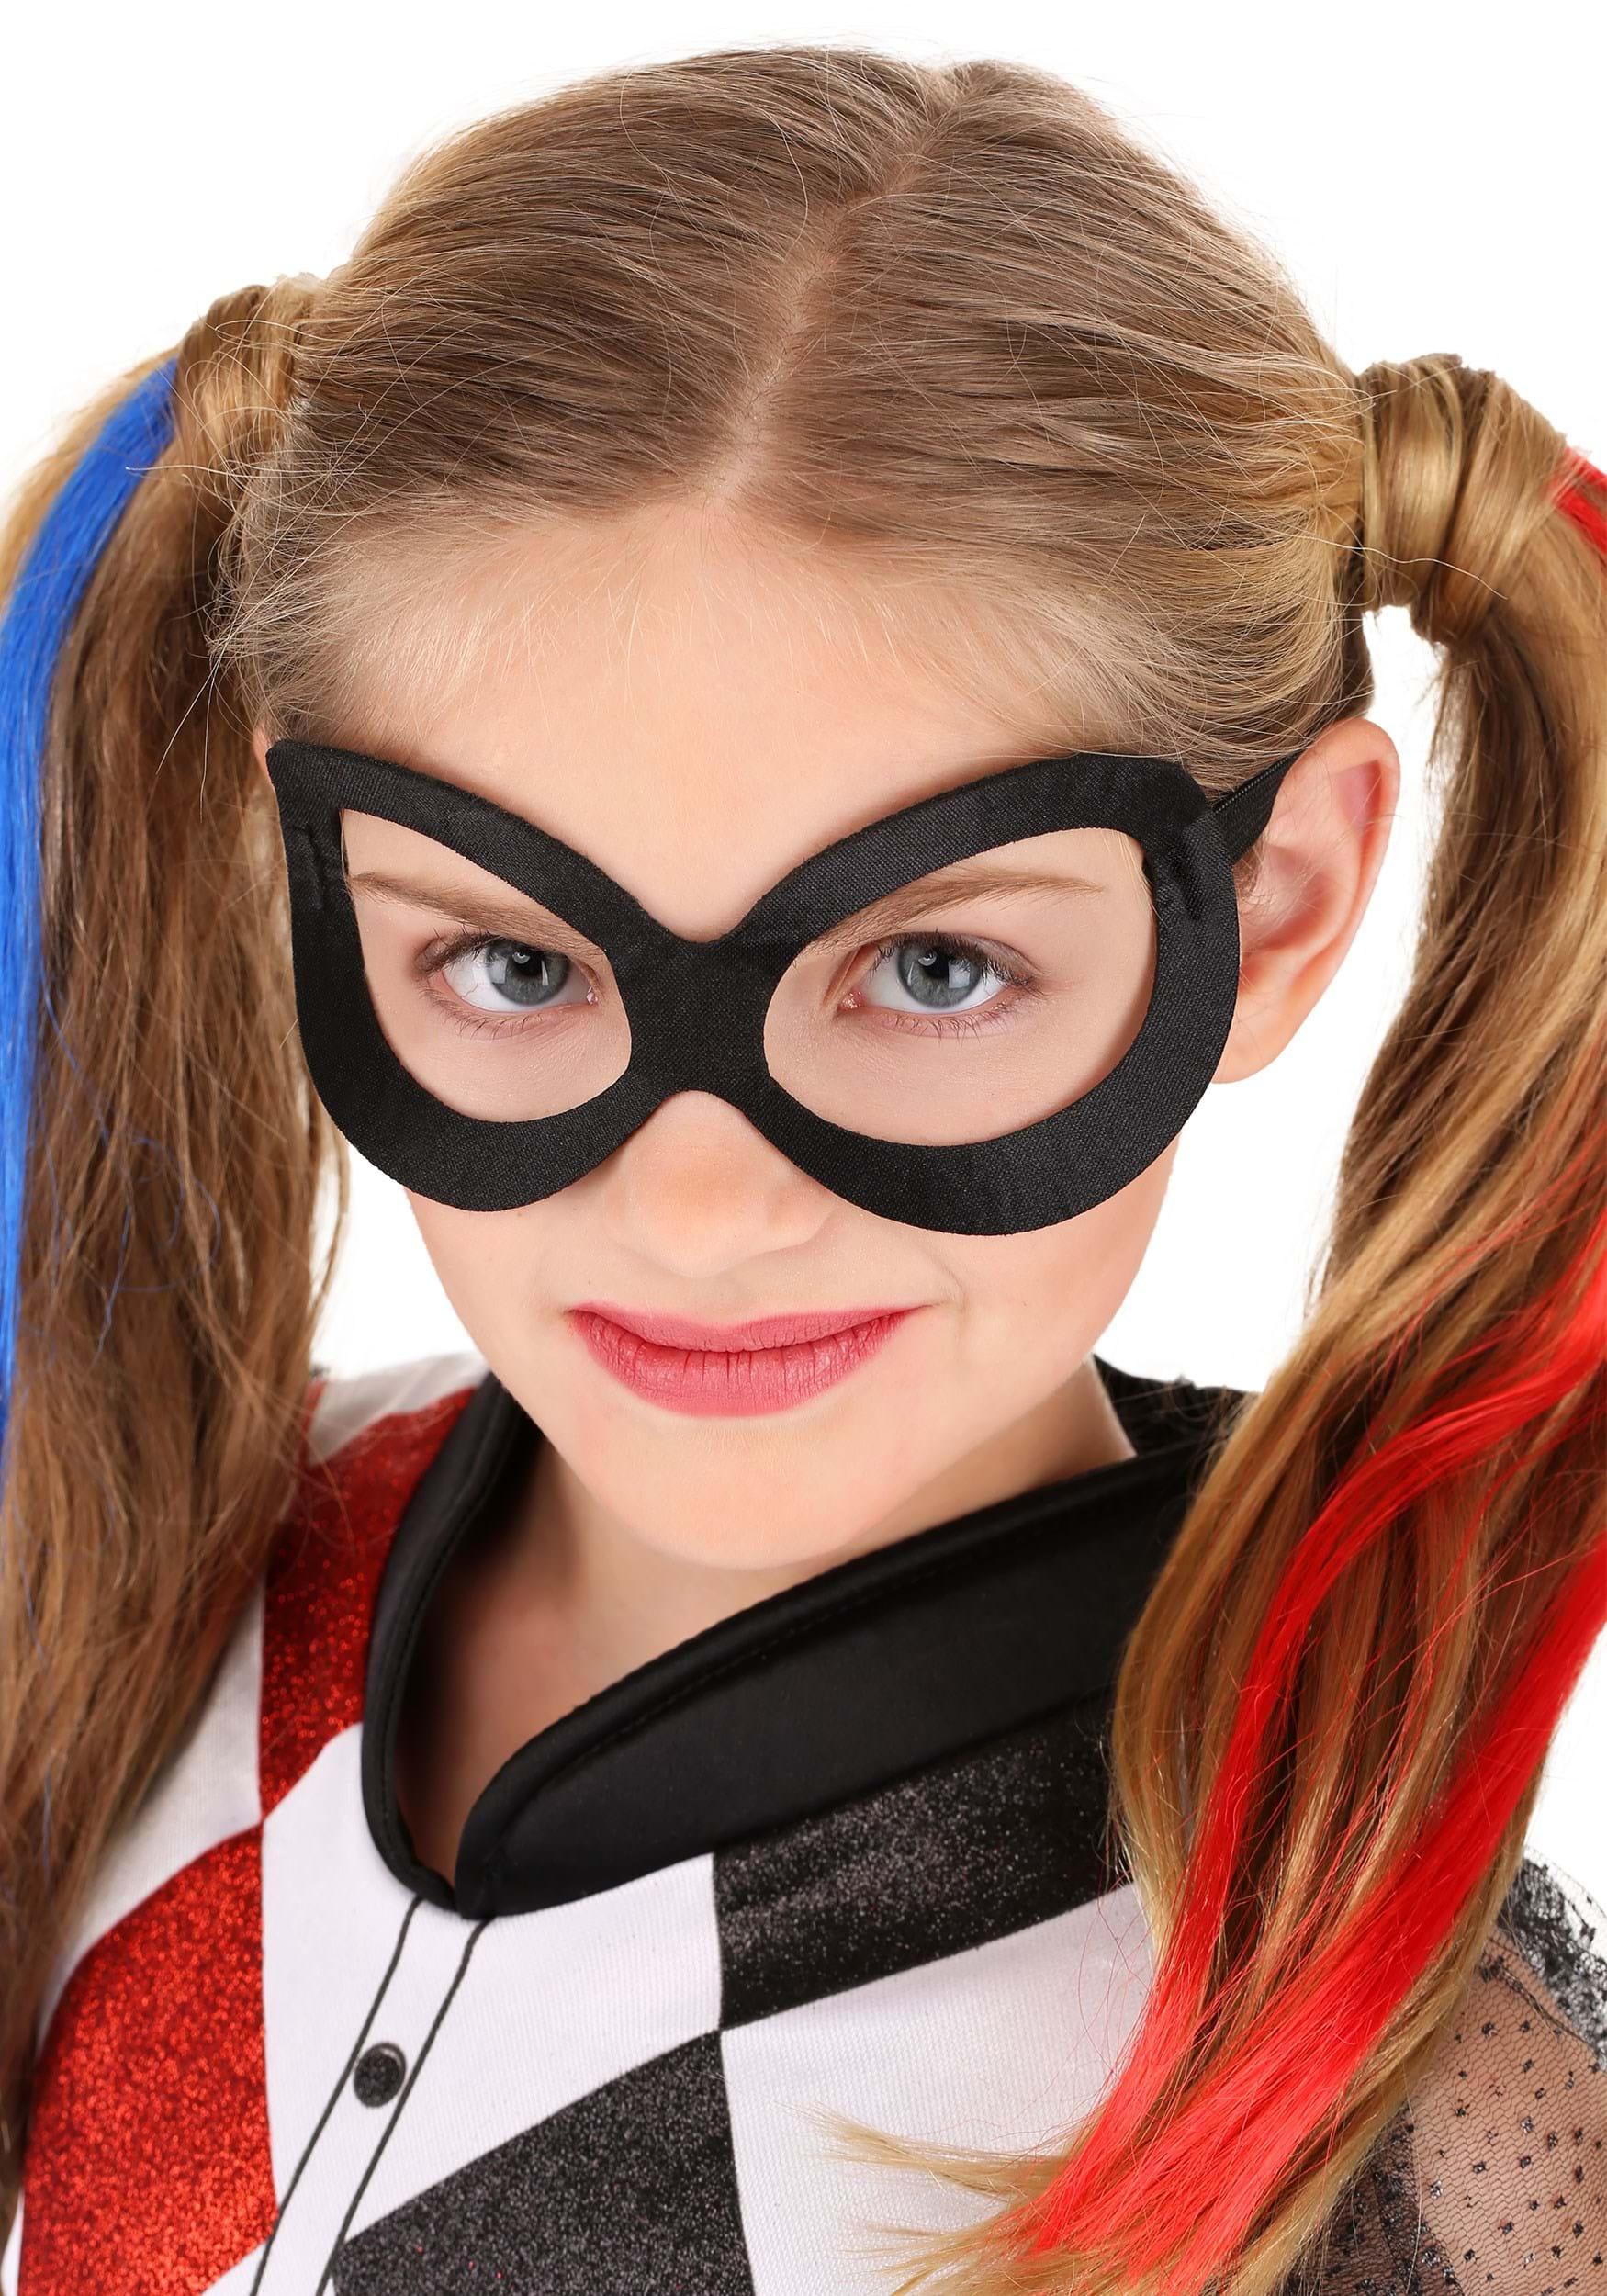 Dc Super Hero Harley Quinn Deluxe Girls Costume